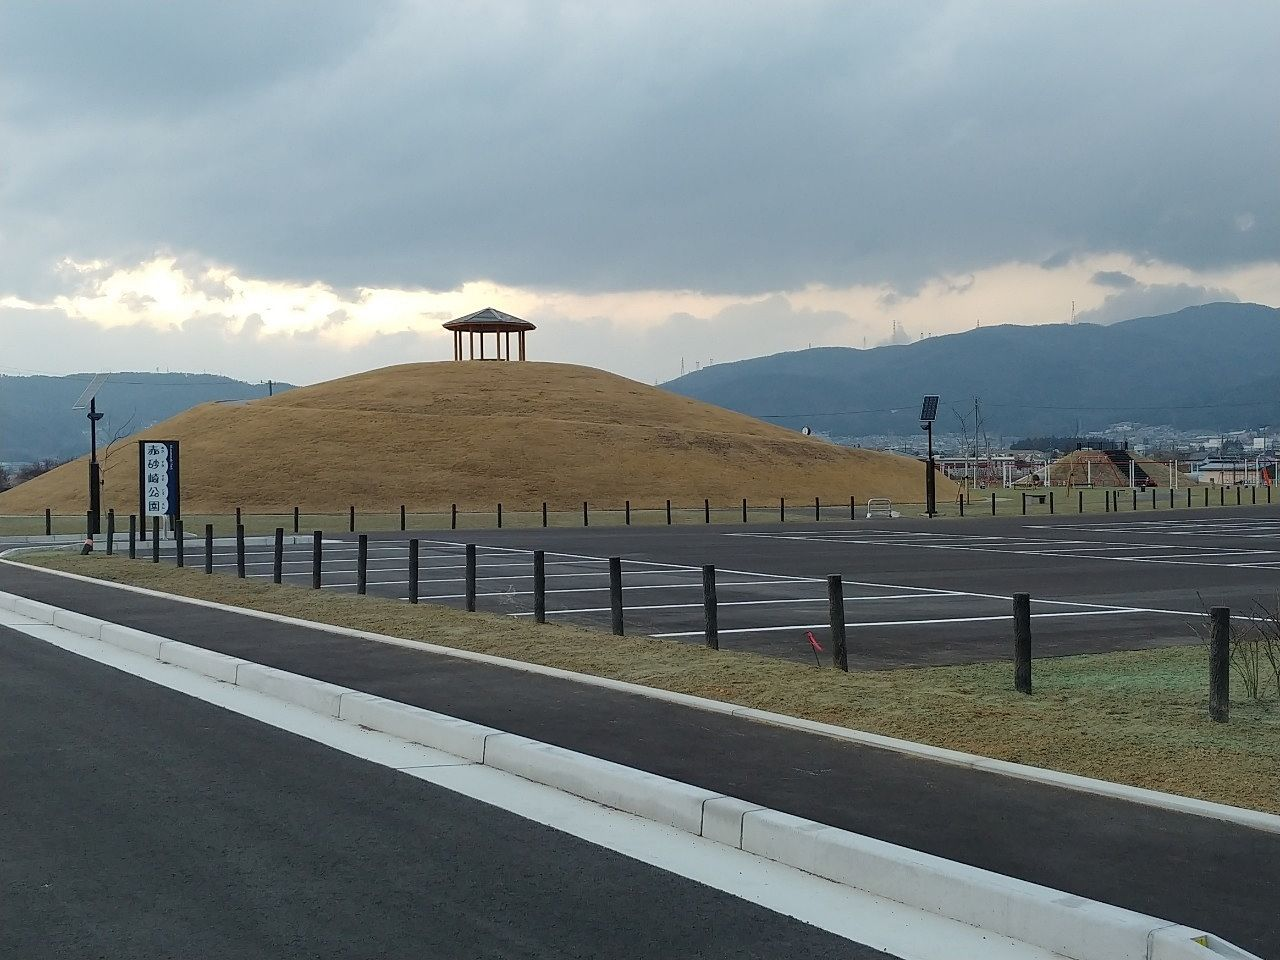 赤砂崎一帯の整備を進めている下諏訪町。砥川下流の西側では、赤砂崎公園が整ってきました(^O^)まだ立ち入り禁止となっているので利用できませんが、諏訪湖周のジョギングロードから見える公園の様子をご紹…